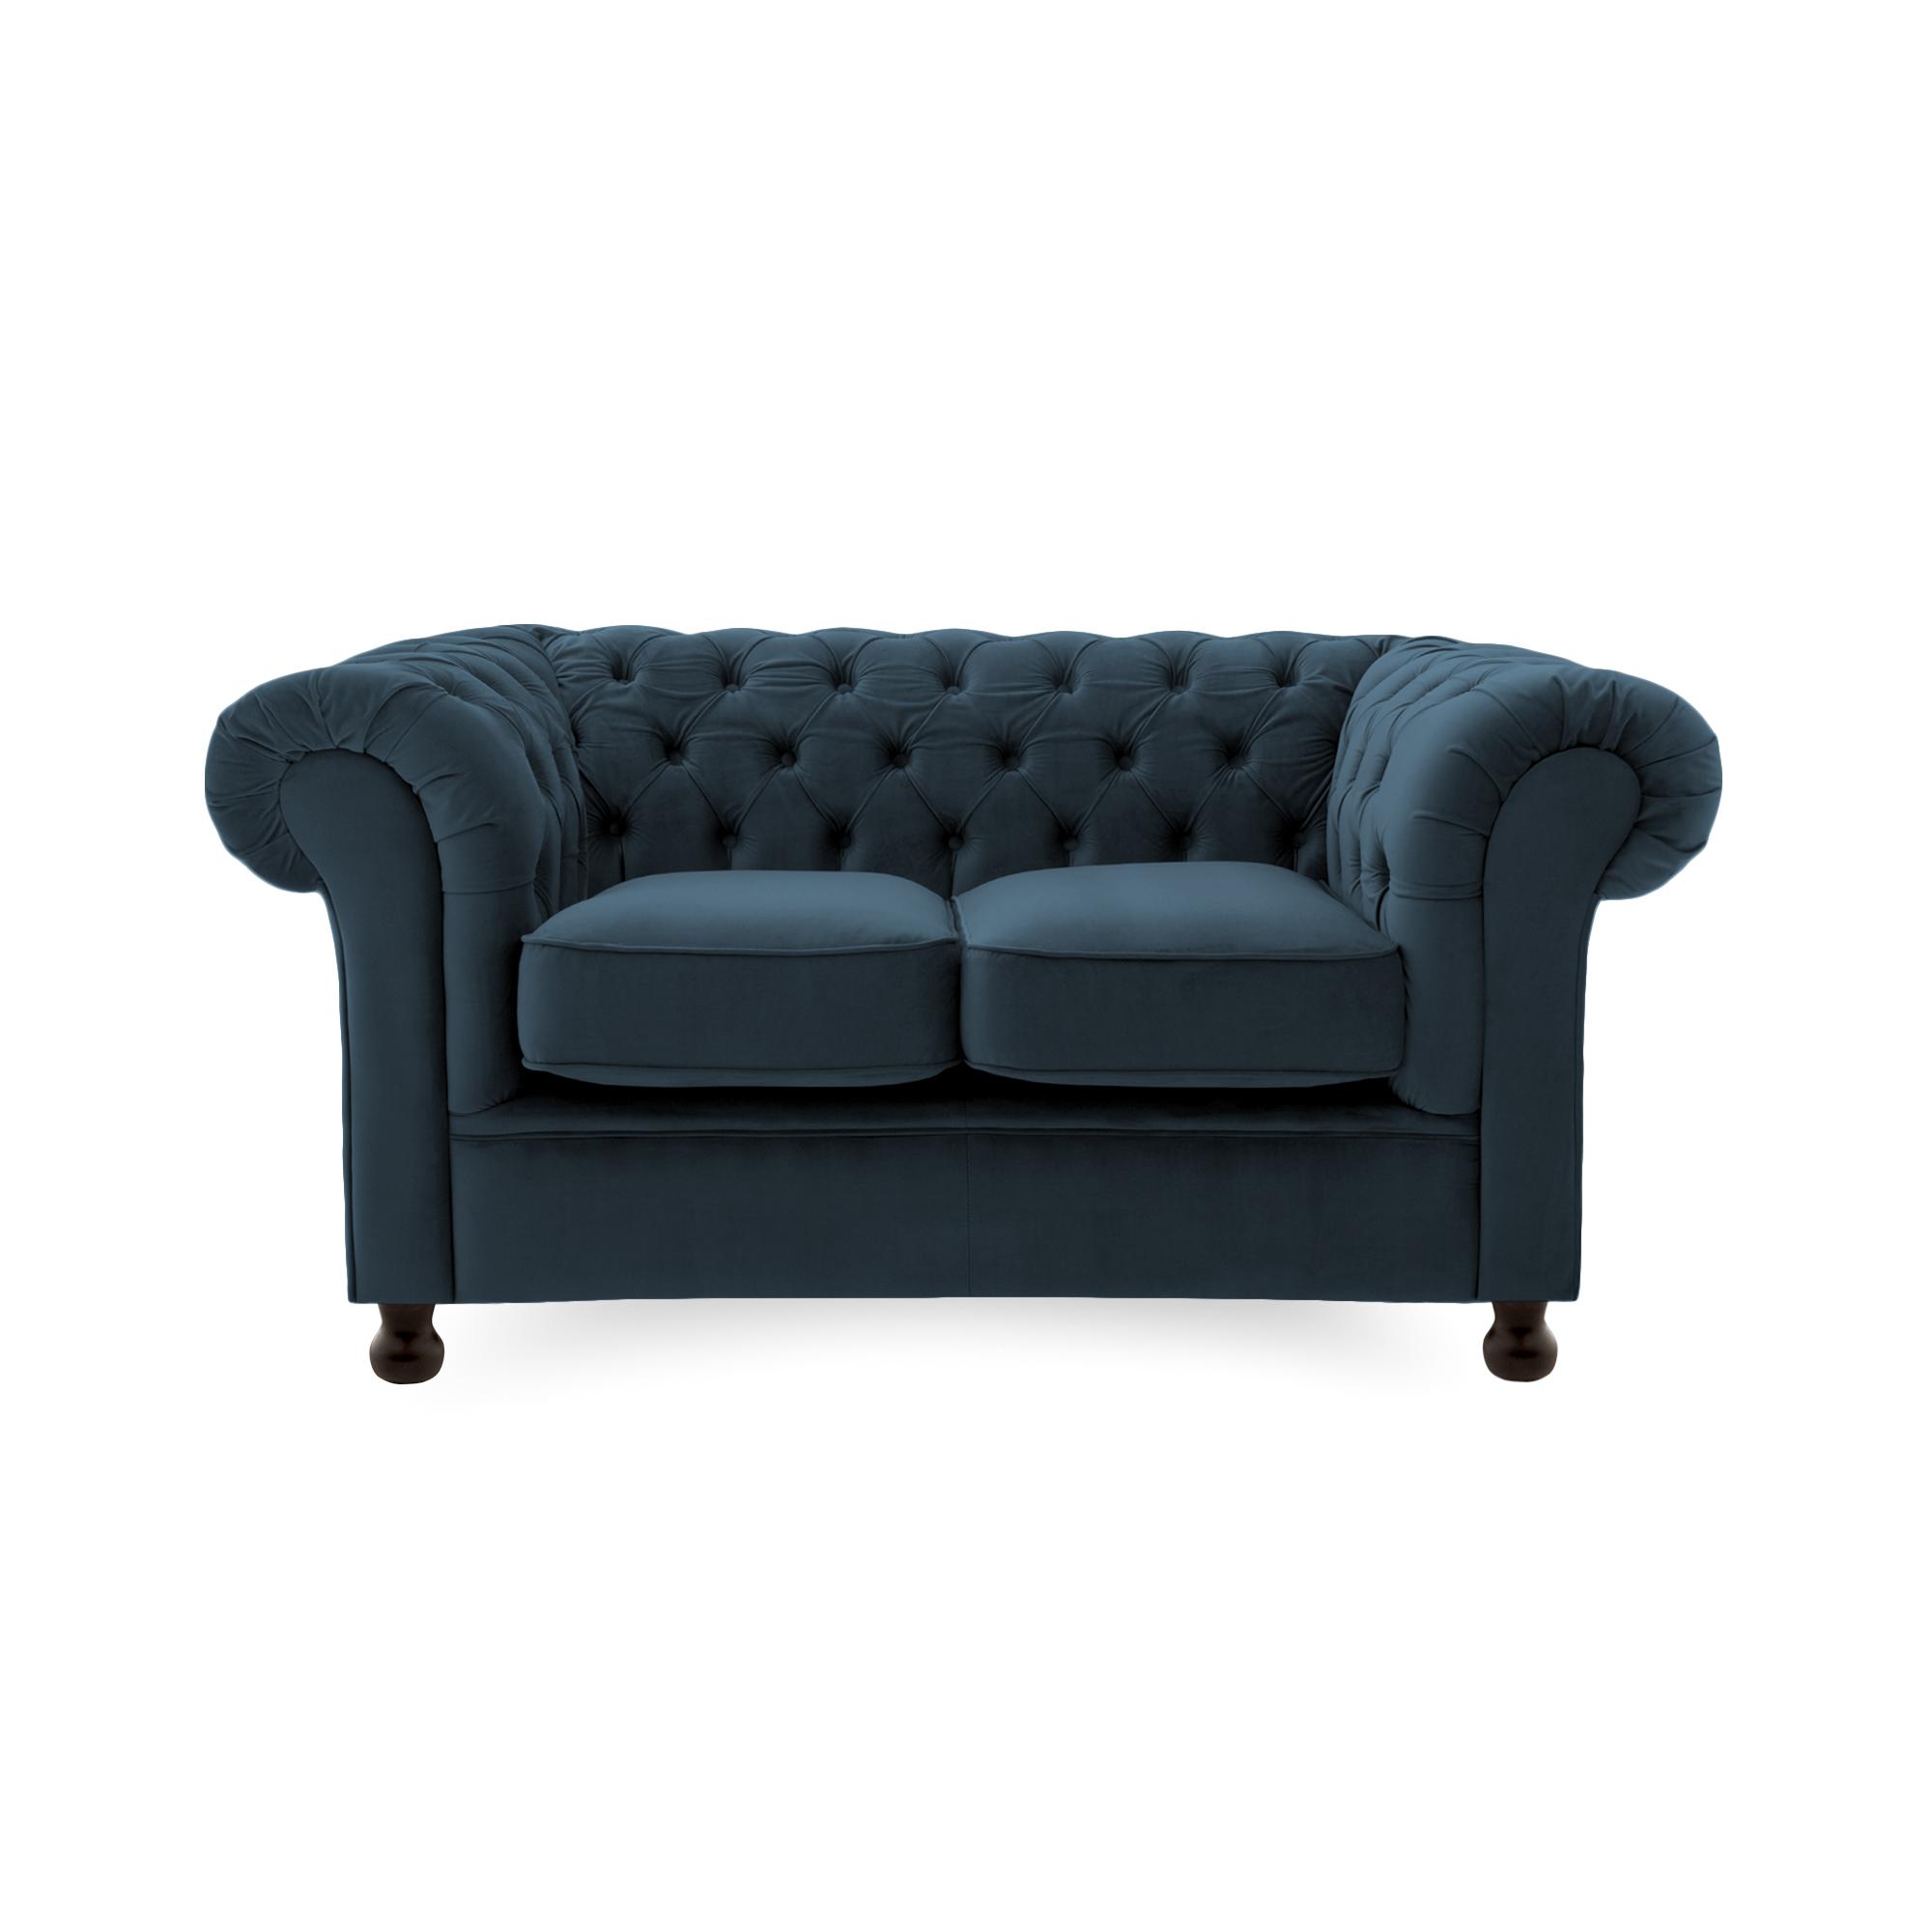 Canapea Fixa 2 locuri Chesterfield Marine Blue